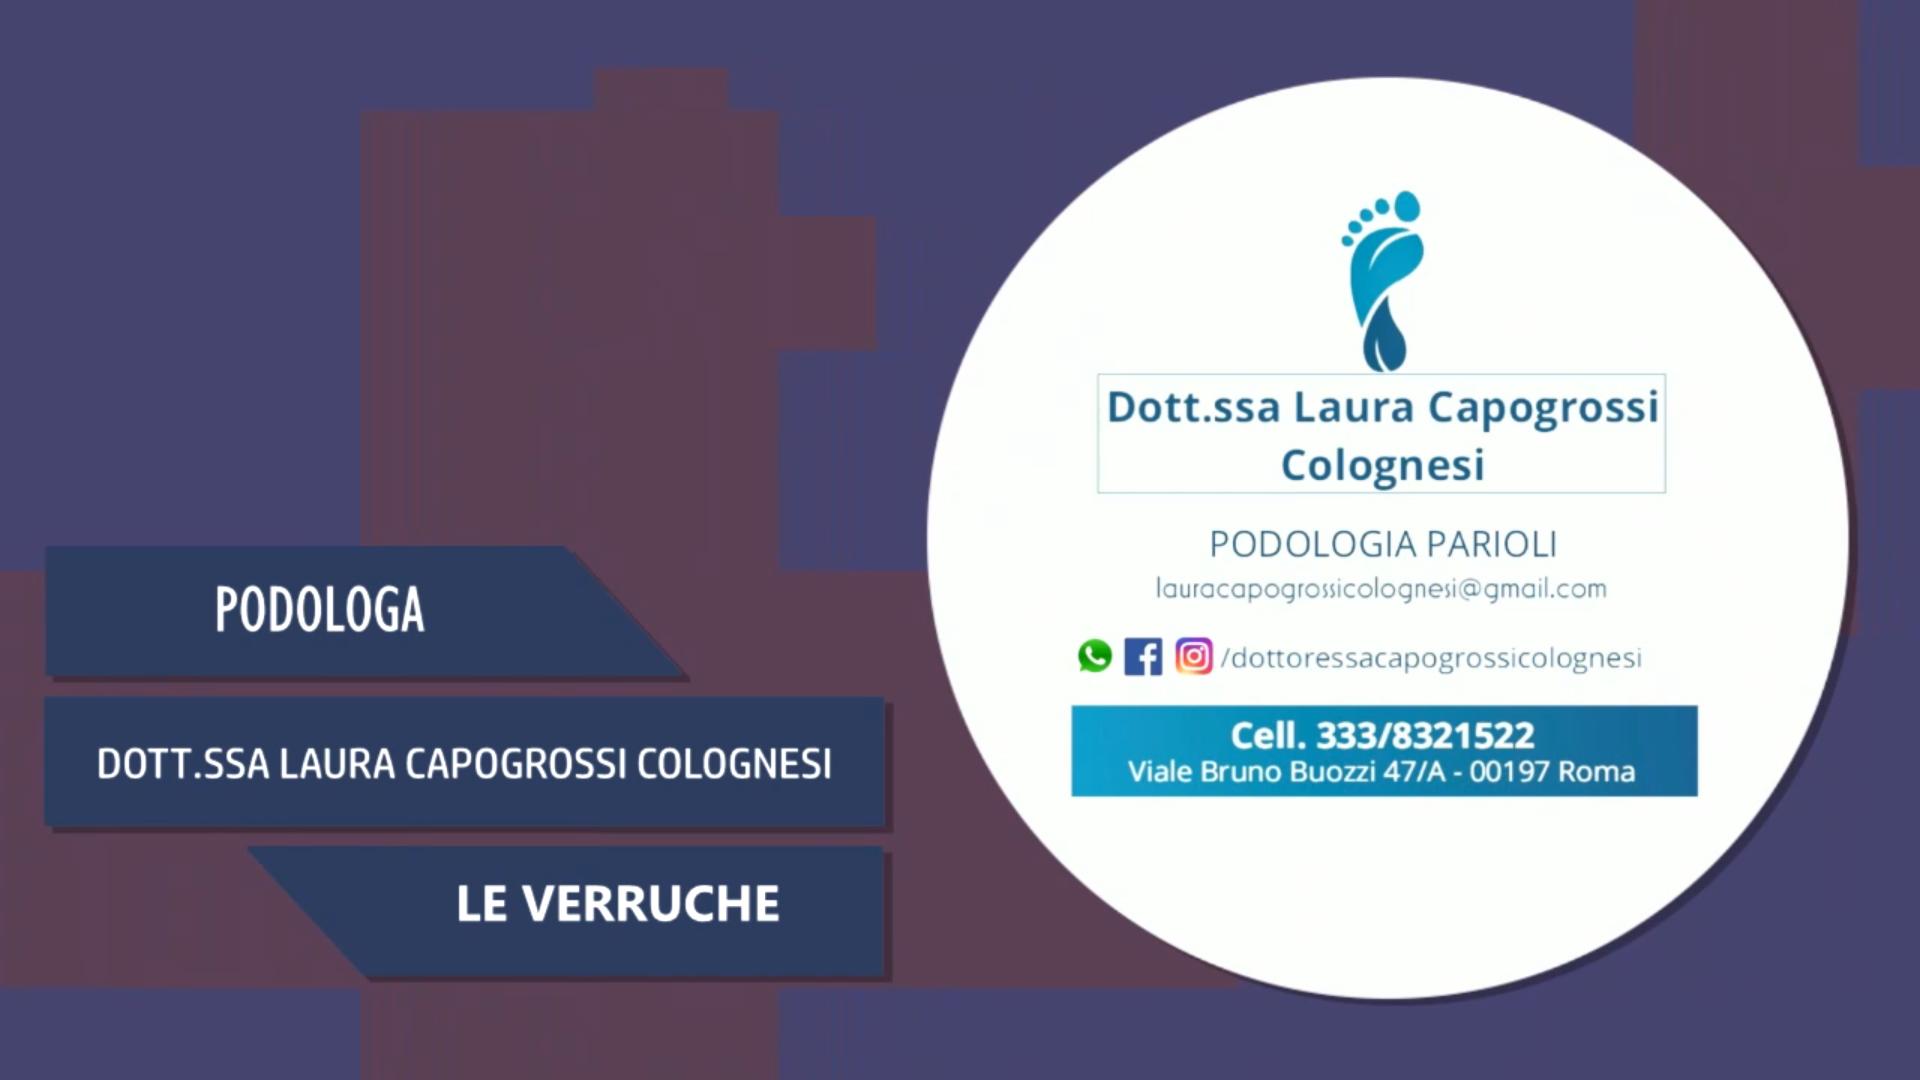 Intervista alla Dott.ssa Laura Capogrossi Colognesi – Le Verruche